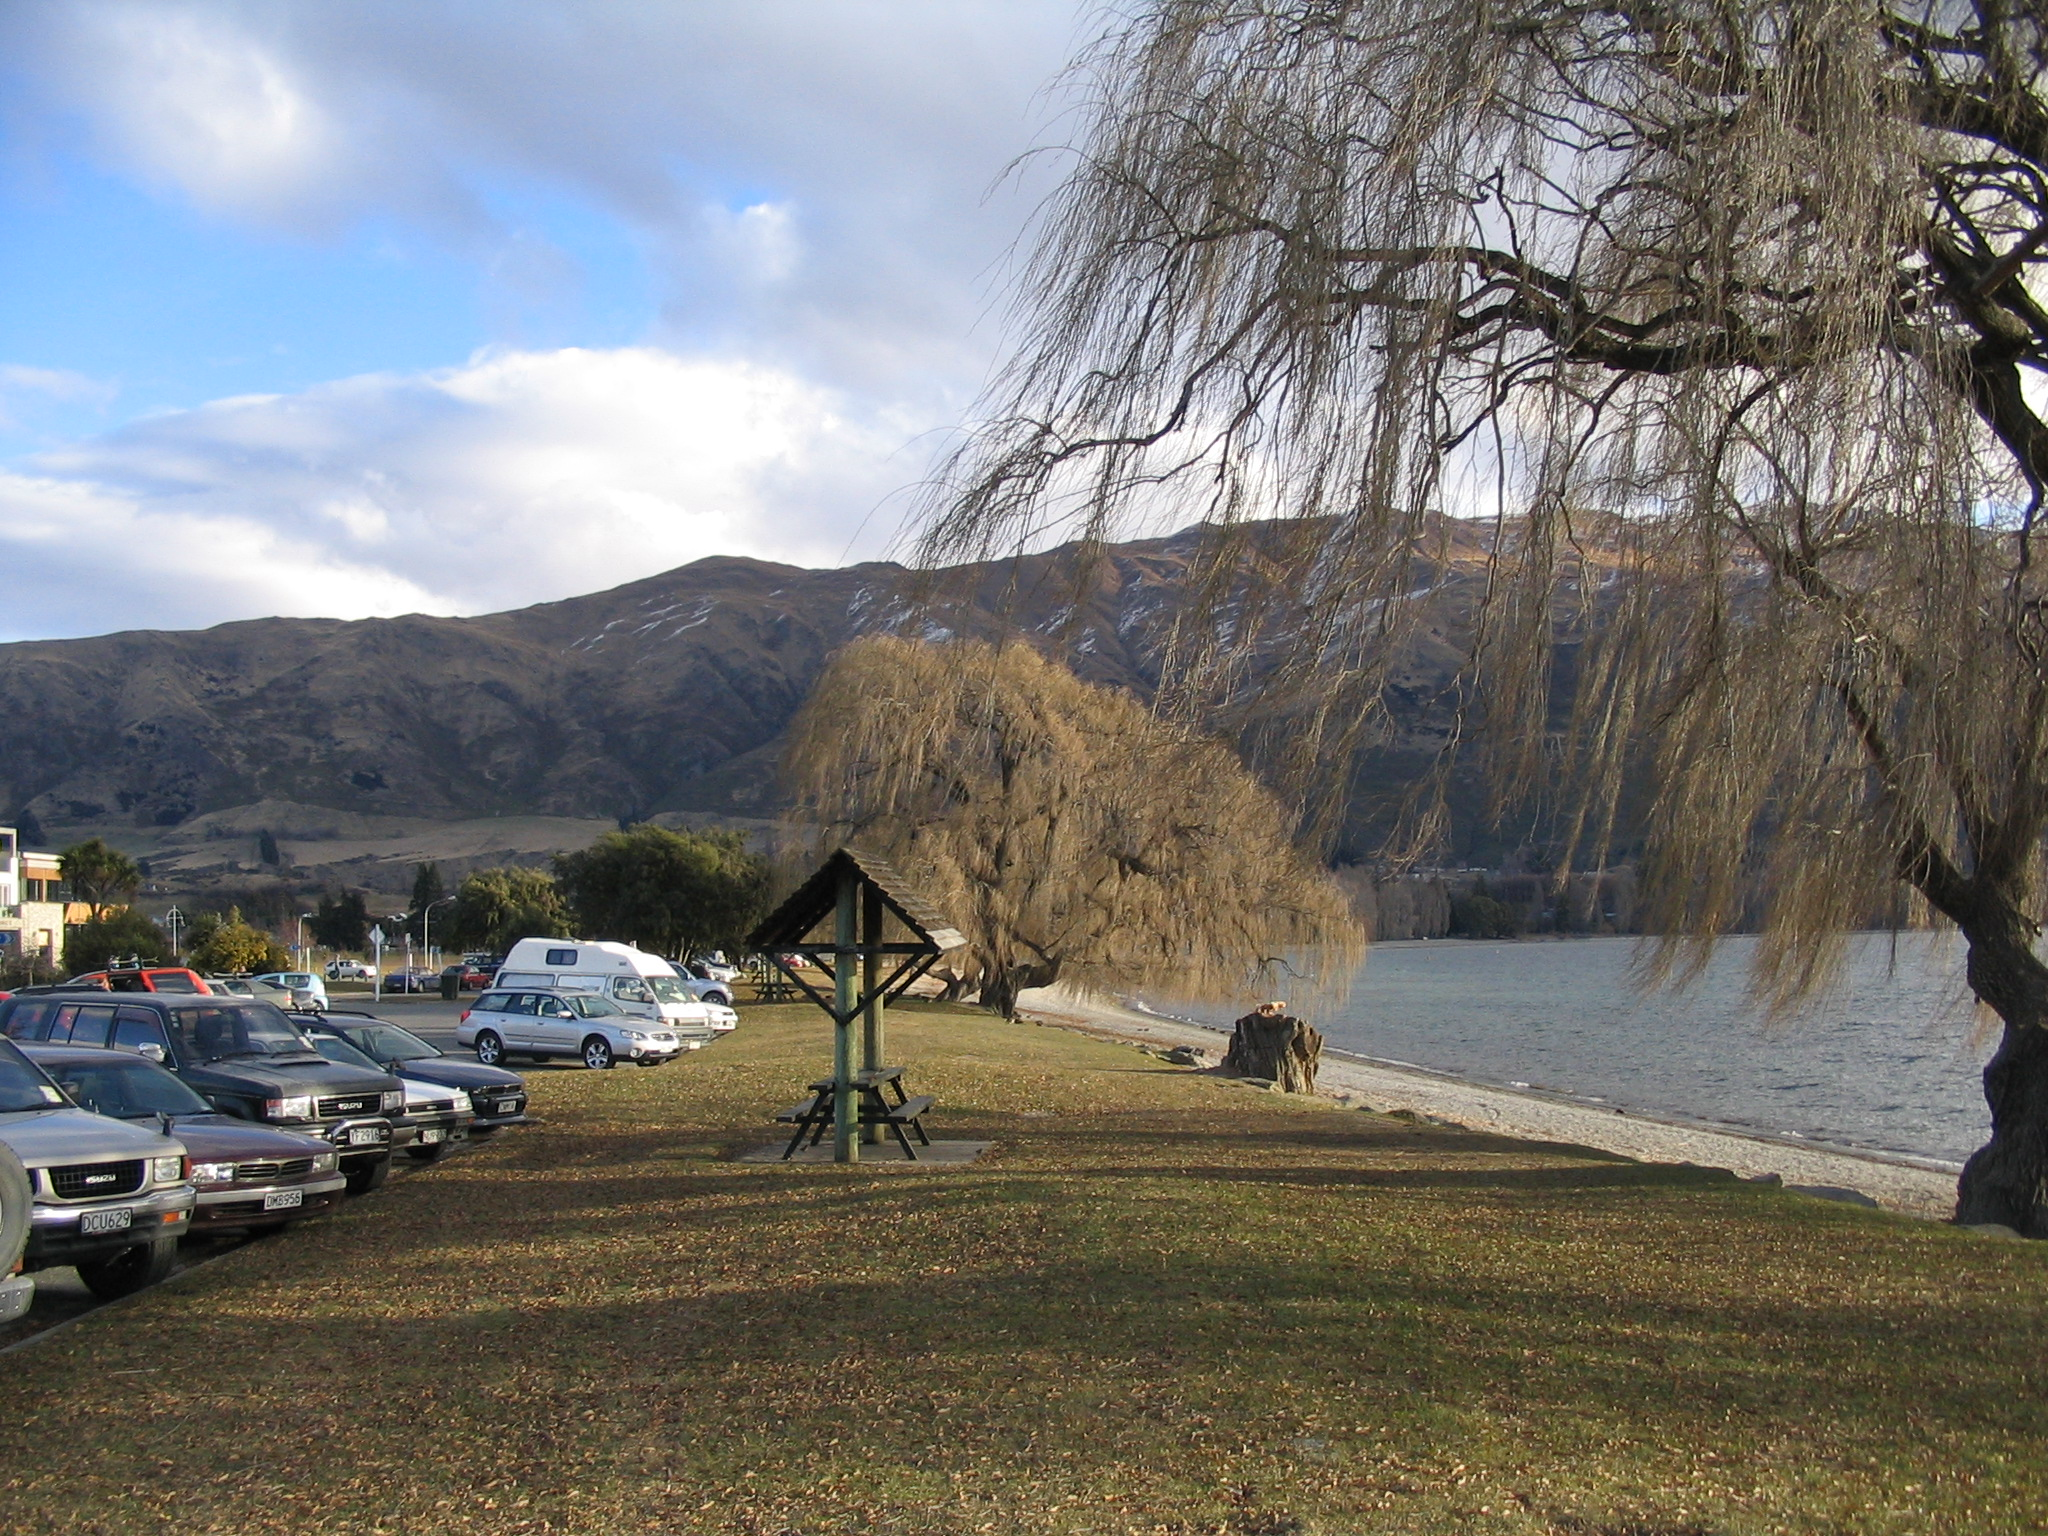 O Lake Wanaka dita o ritmo sem estress, da cidade à beira do lago.